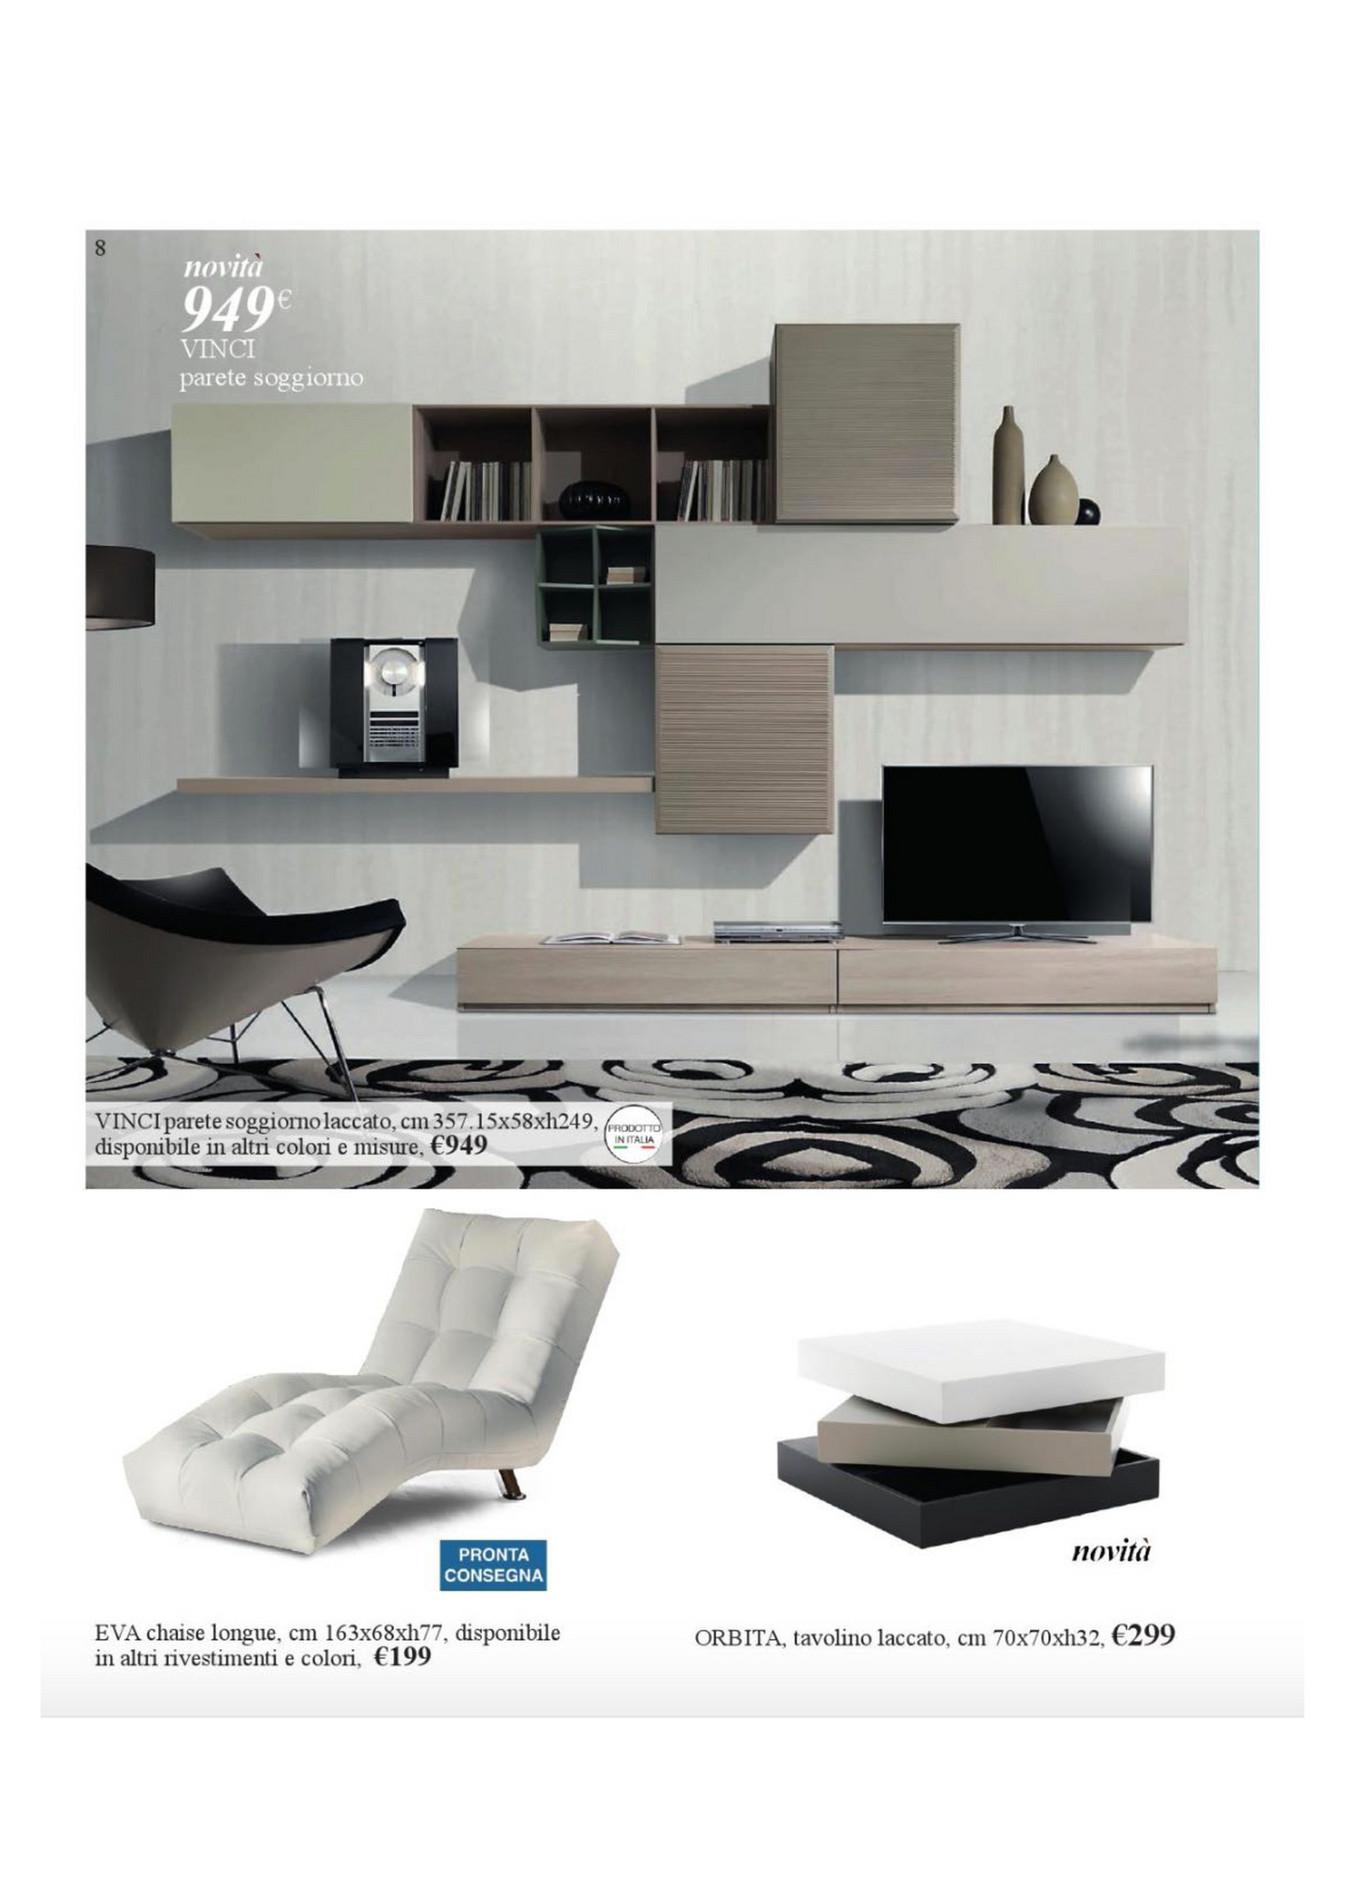 Best Semeraro Soggiorni Photos - Idee Arredamento Casa & Interior ...